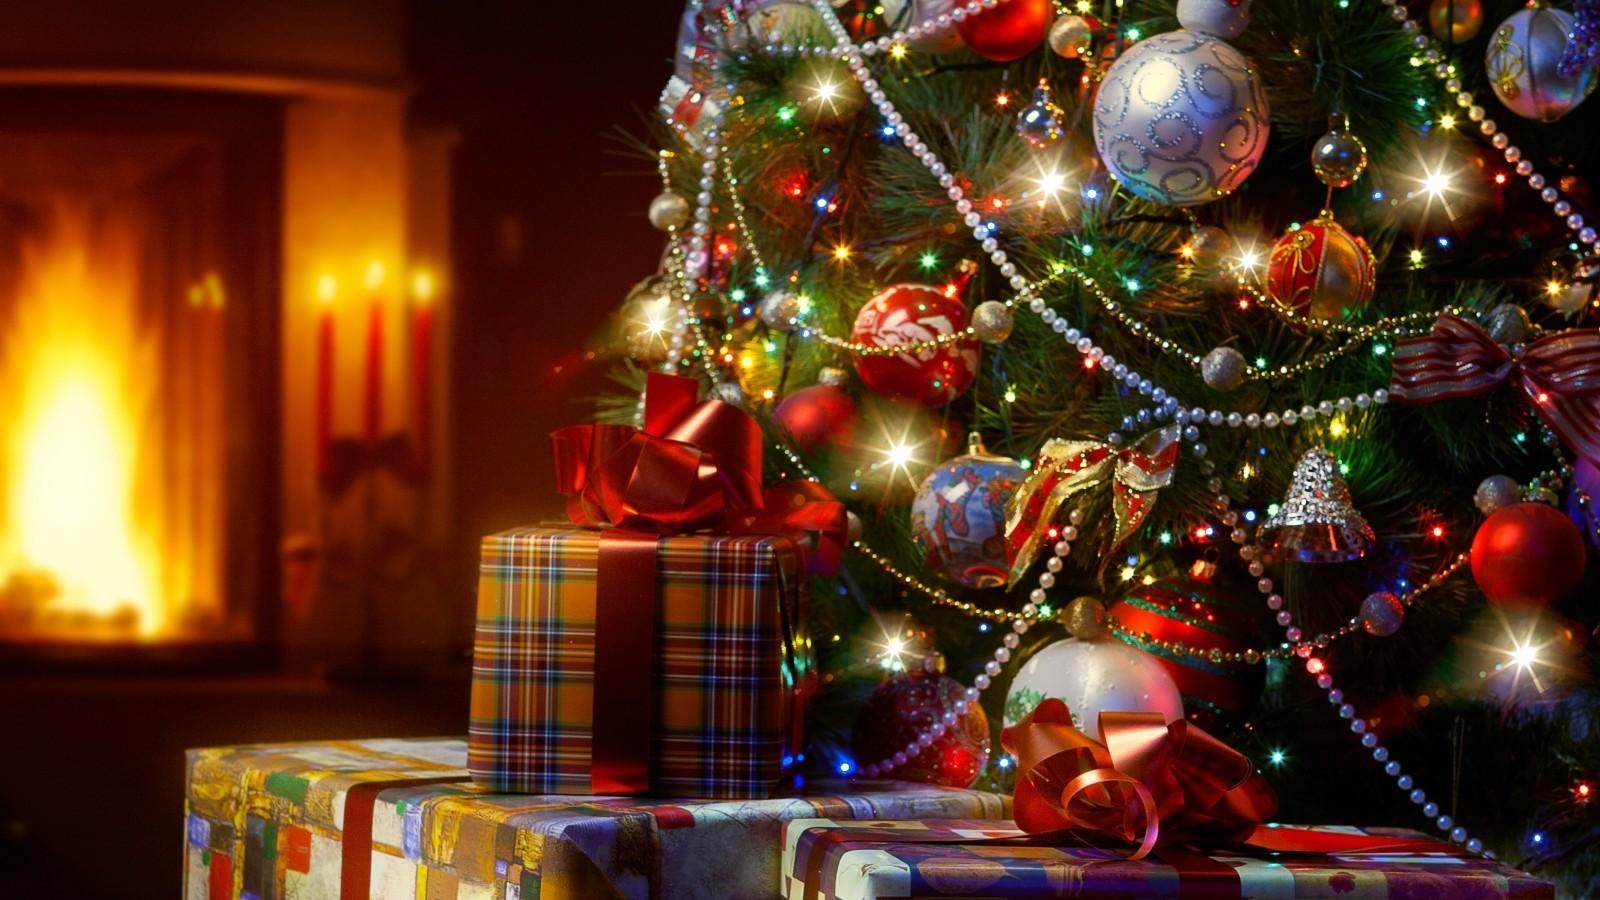 Обои на рабочий стол новогодние (3)